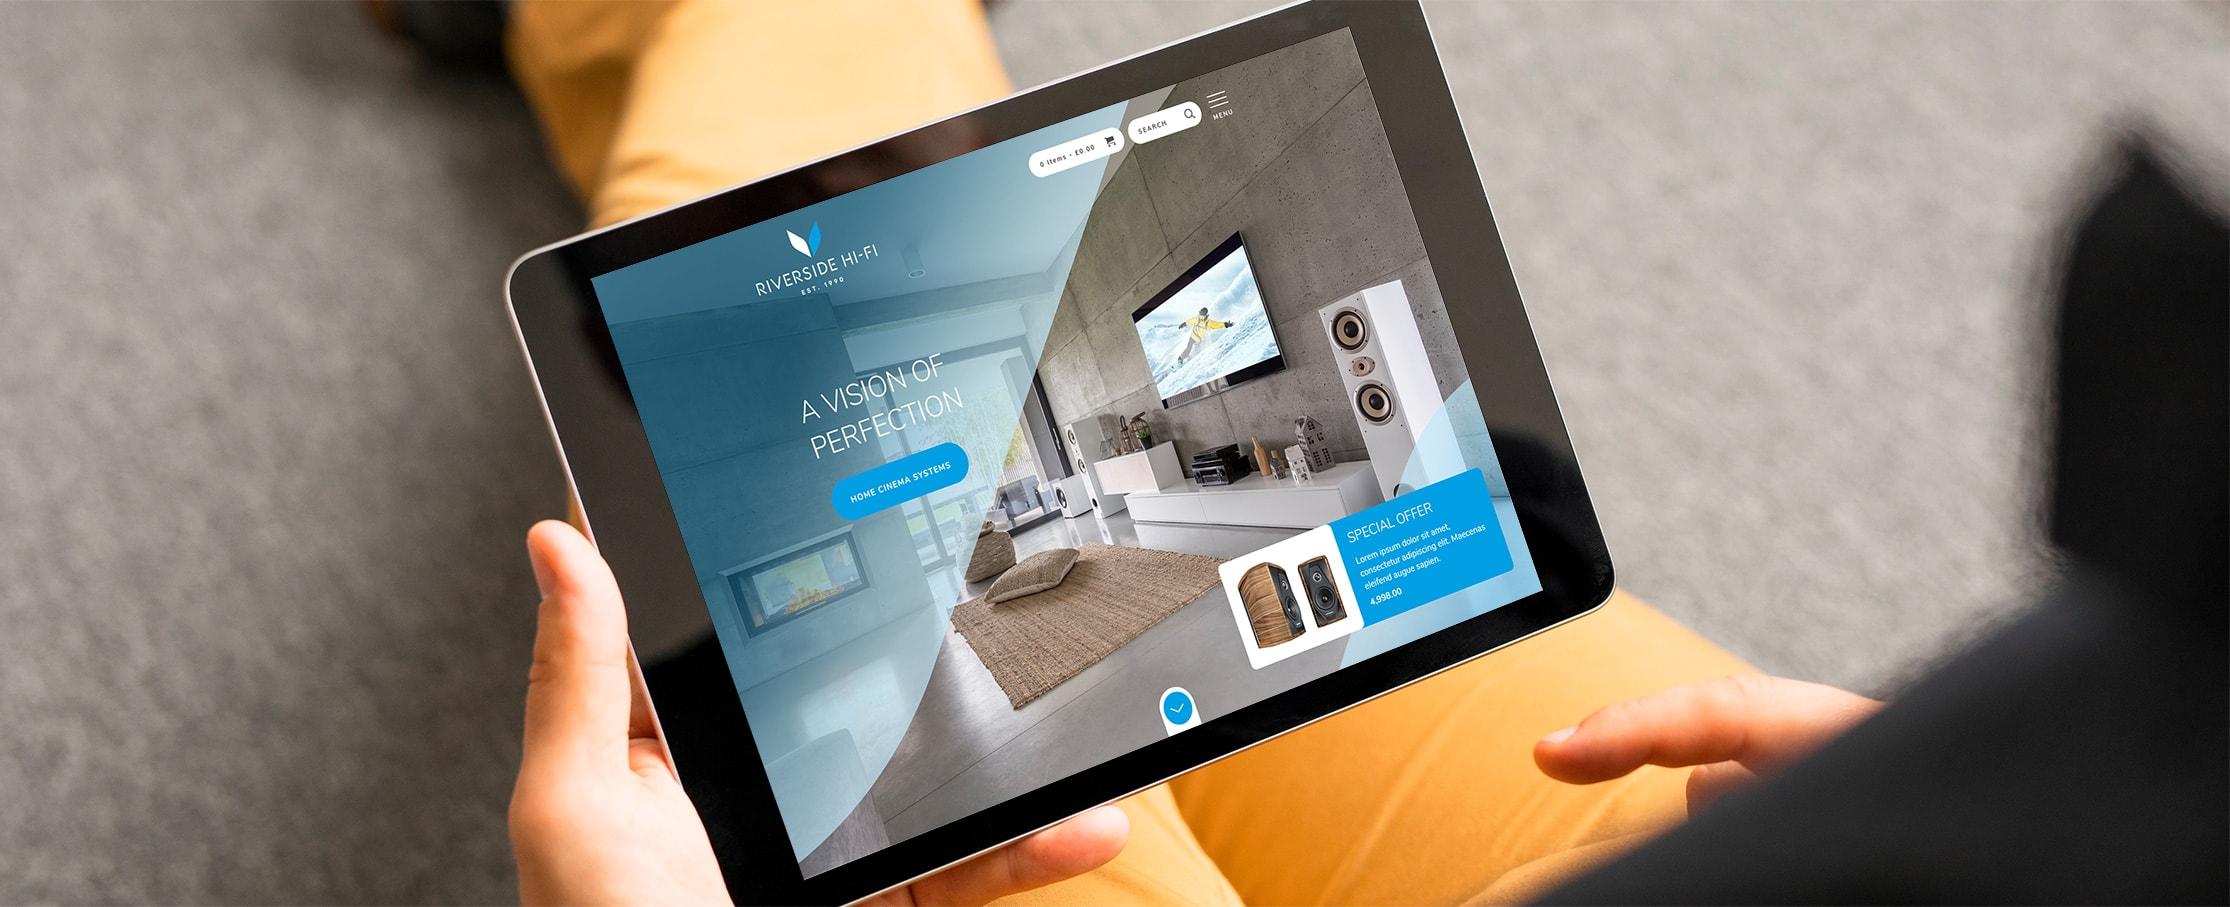 High end AV website design Riverside Hi-Fi